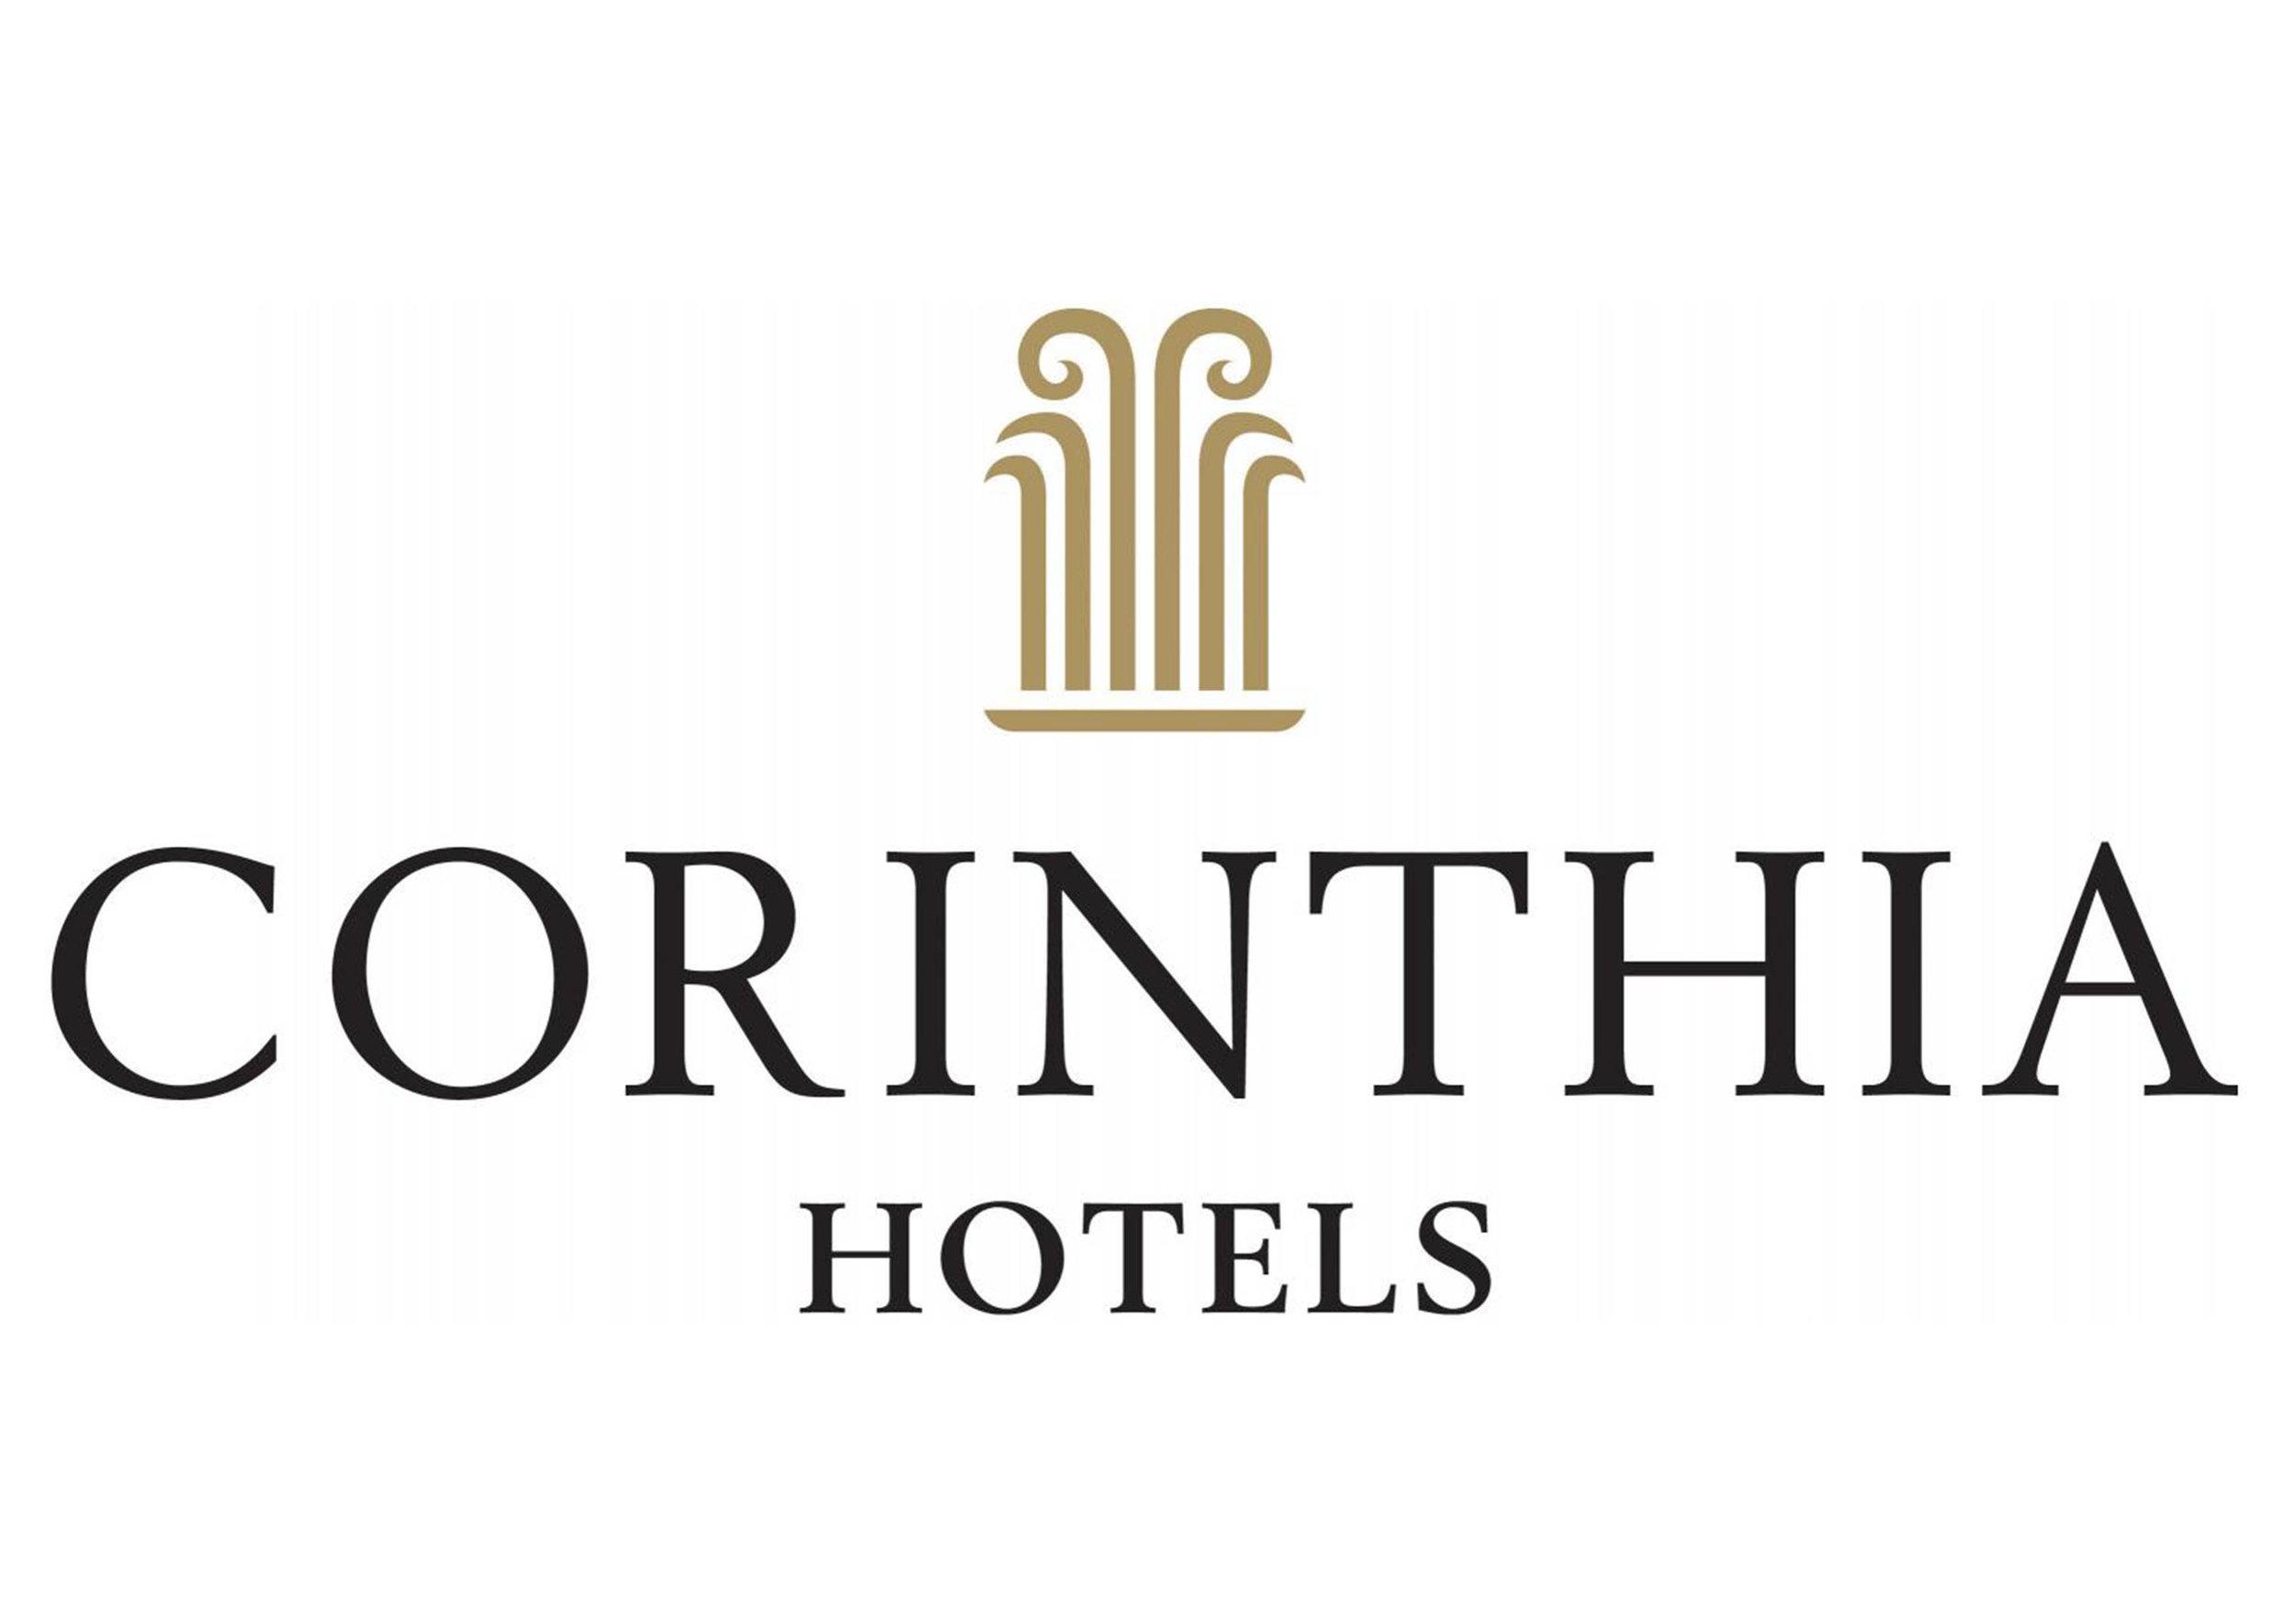 Corinthia Hotels.jpg